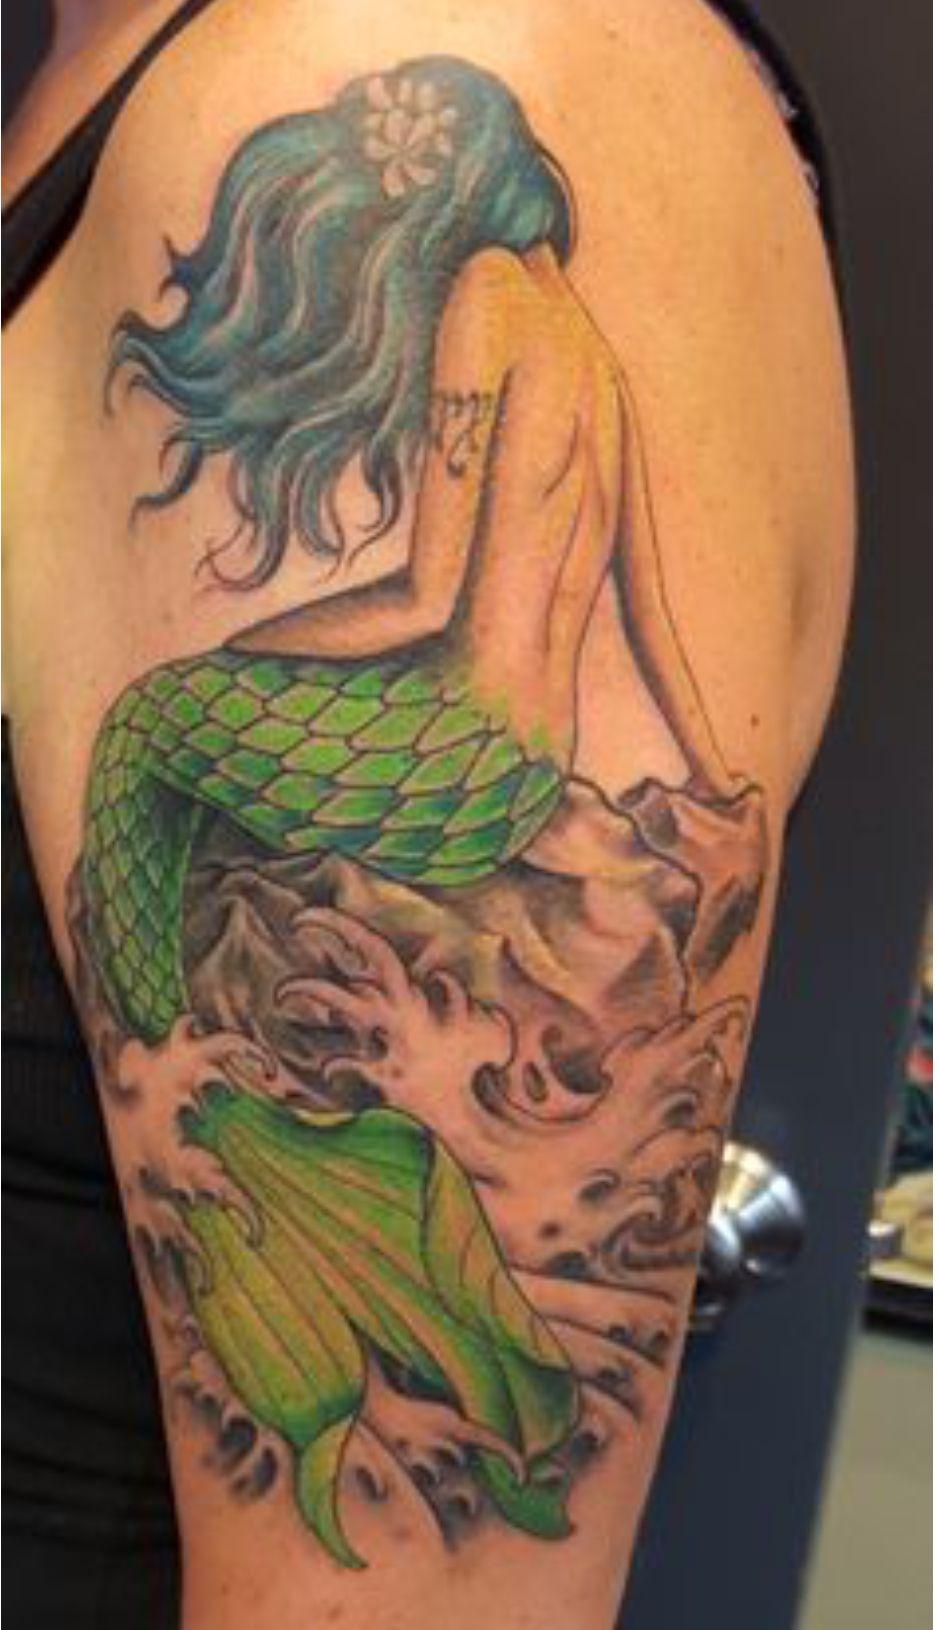 25++ Astonishing Small mermaid tattoo designs image ideas